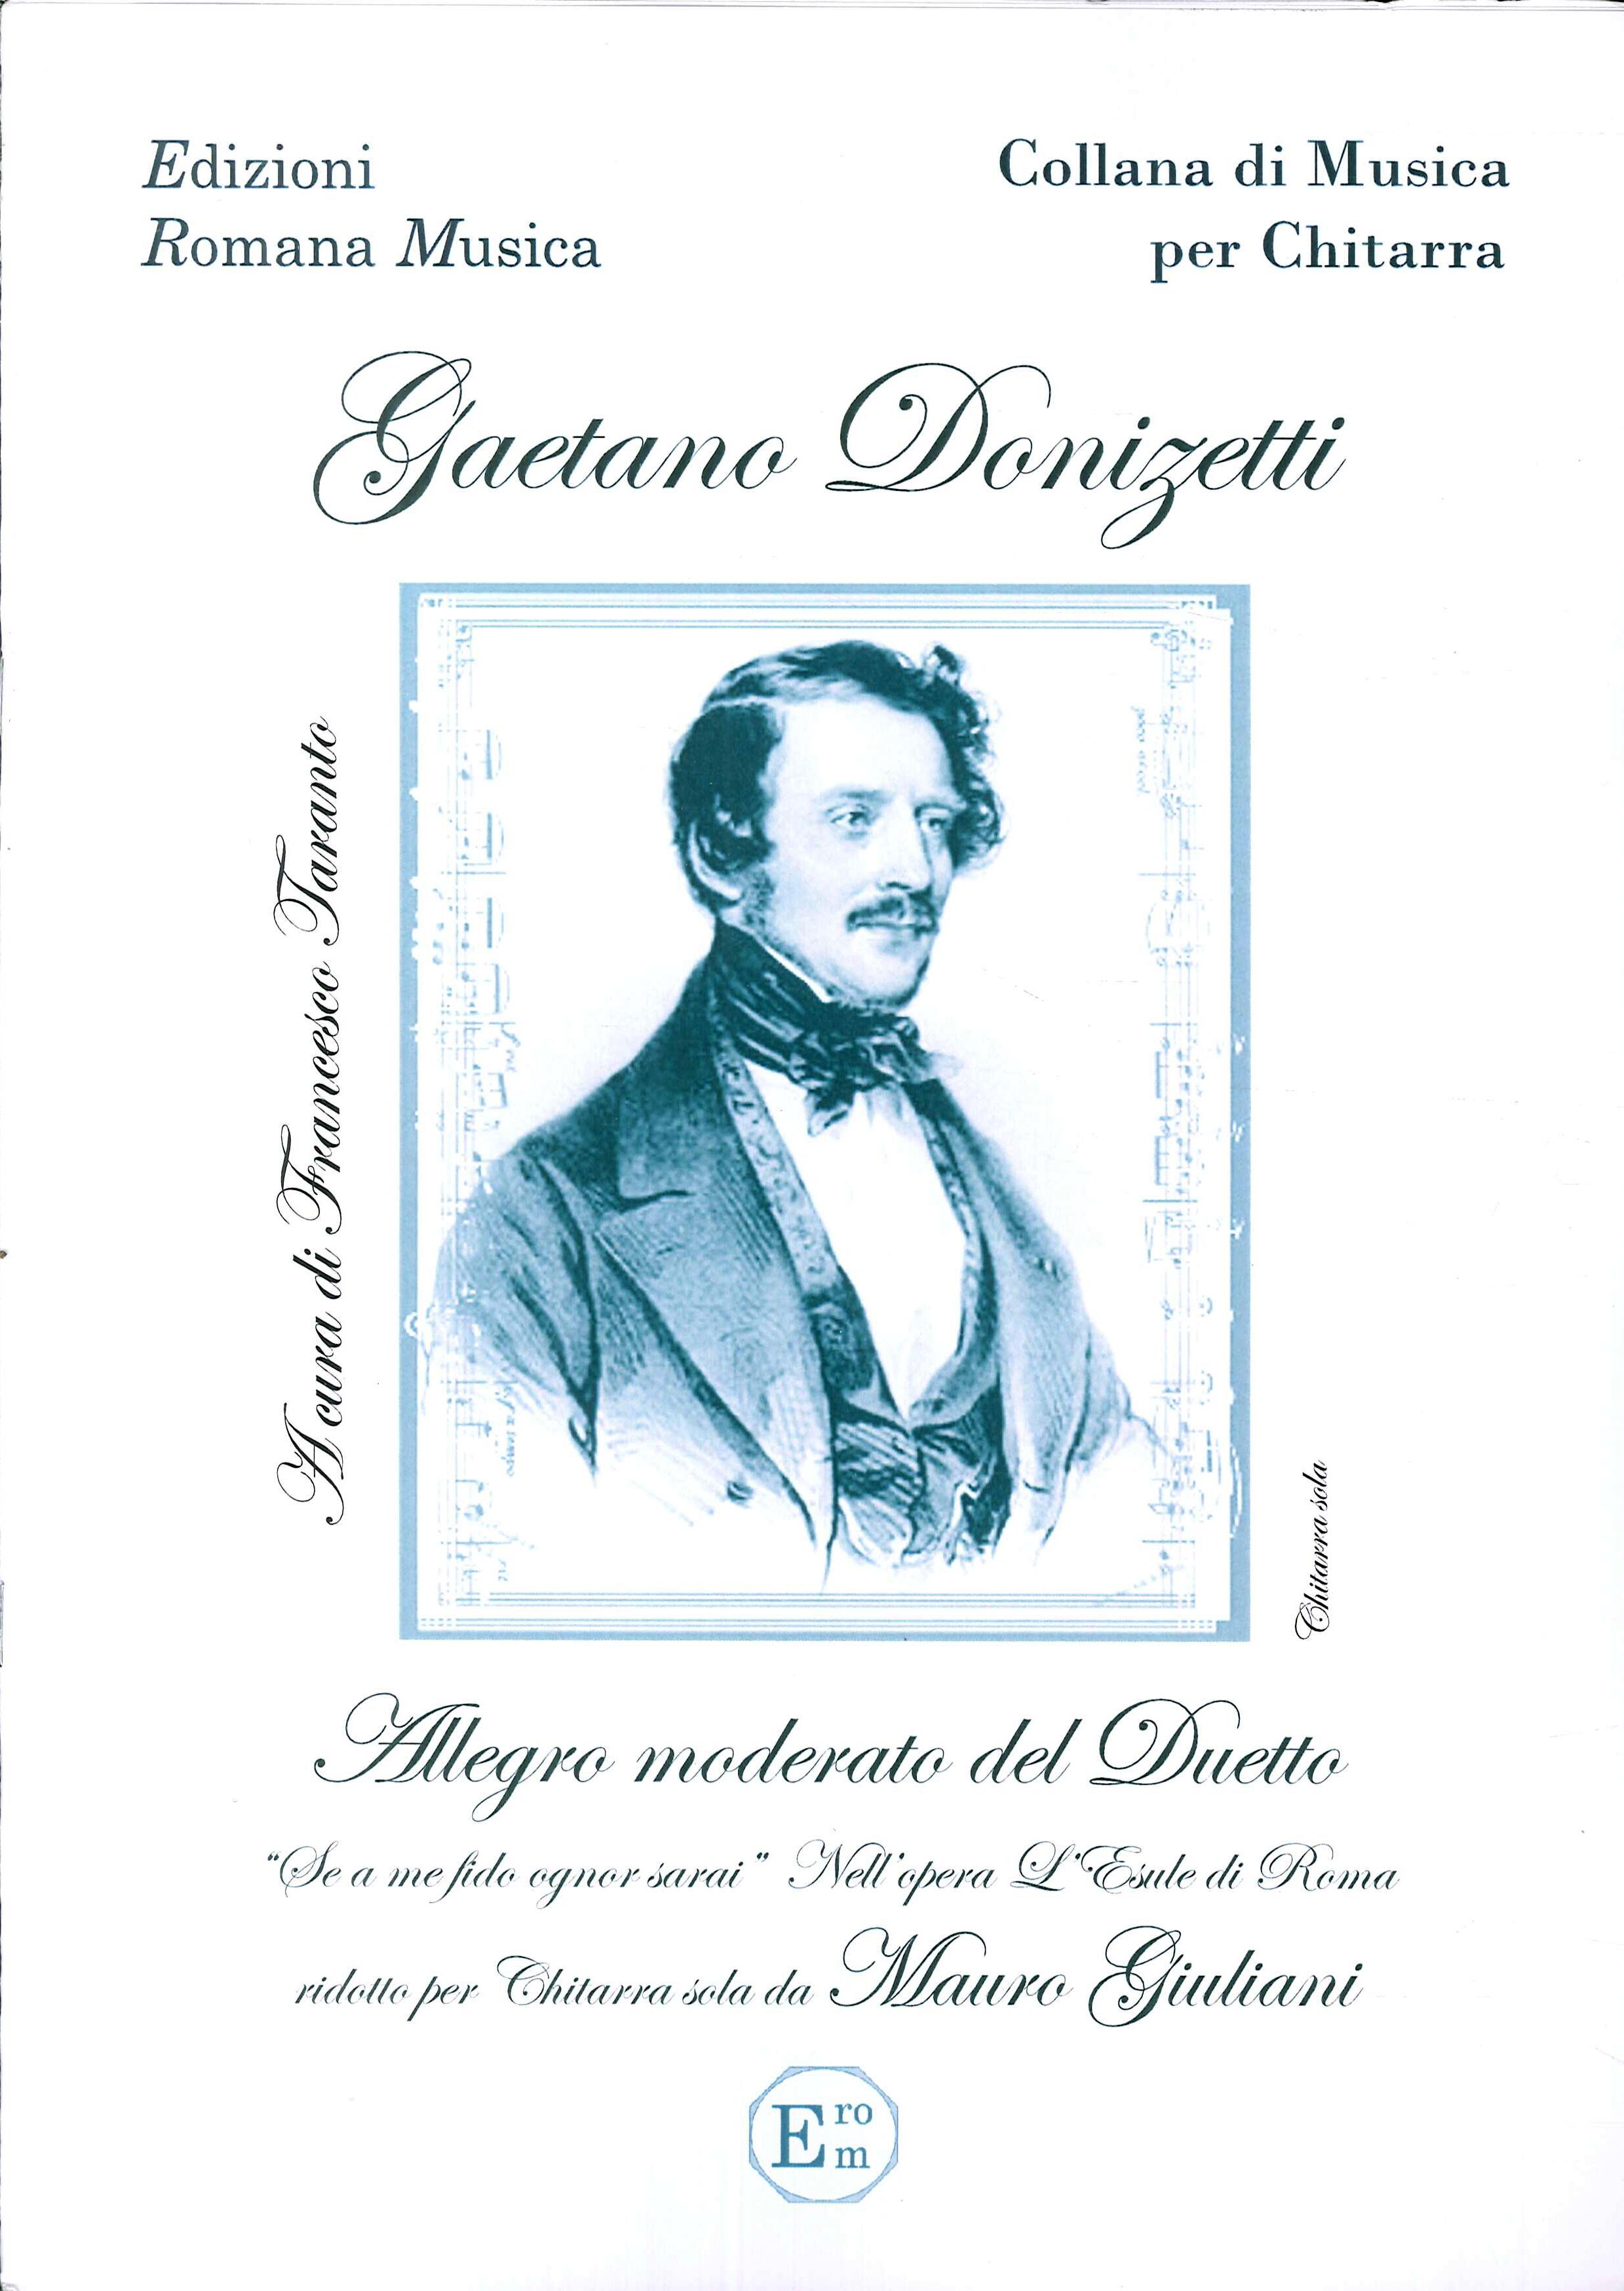 Gaetano Donizetti. Allegro Moderato del Duetto. Musica per Chitarra. Erom 0089.